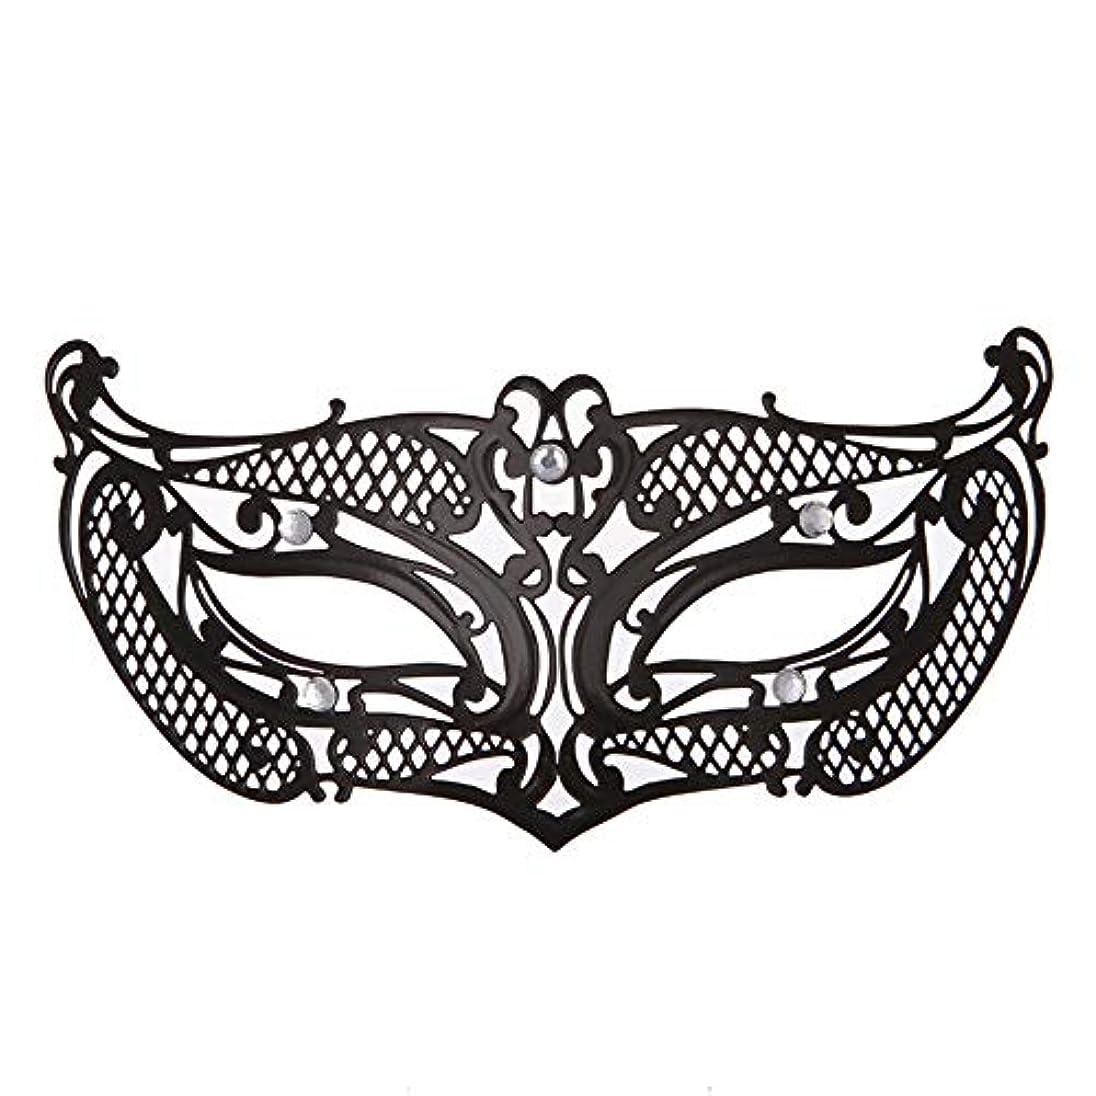 拒絶するショップ逃げるダンスマスク アイアンメタリックレースとダイヤモンドハーフマスクハロウィンダンスマスクナイトクラブボールマスクコスプレパーティーハロウィンマスク ホリデーパーティー用品 (色 : ブラック, サイズ : 19x8cm)